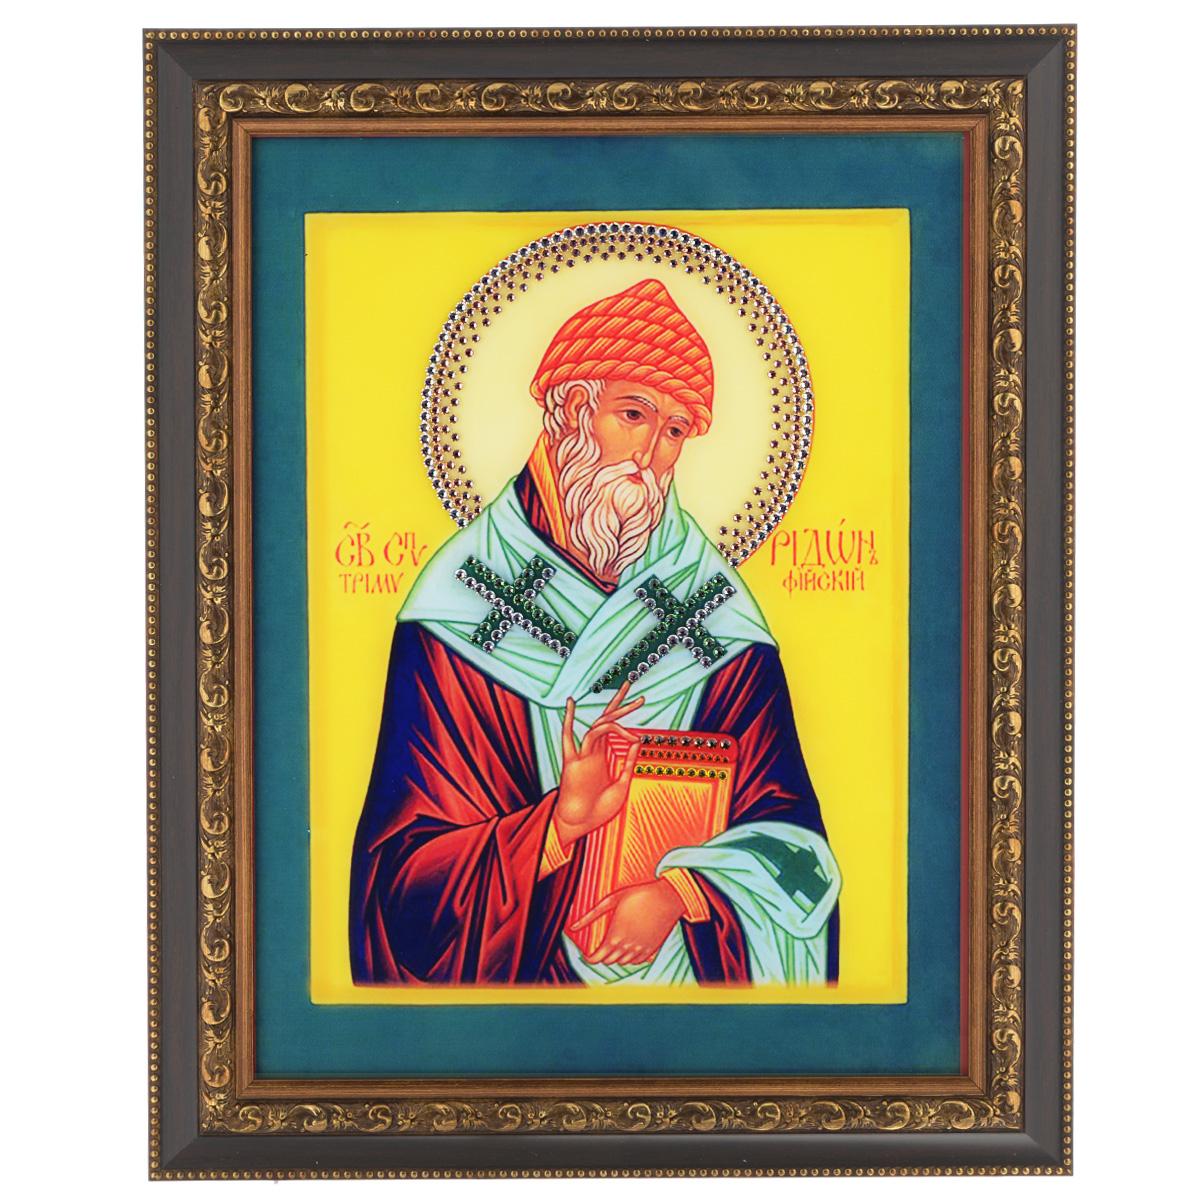 Картина с кристаллами Swarovski Икона. Святитель Спиридон Тримифудский, 37,5 см х 47,5 см1422Изящная картина в багетной раме, инкрустирована кристаллами Swarovski, которые отличаются четкой и ровной огранкой, ярким блеском и чистотой цвета. Красочное изображение Иконы Святитель Спиридон Тримифудский, расположенное под стеклом, прекрасно дополняет блеск кристаллов. С обратной стороны имеется металлическая проволока для размещения картины на стене. Картина с кристаллами Swarovski Икона. Святитель Спиридон Тримифудский элегантно украсит интерьер дома или офиса, а также станет прекрасным подарком, который обязательно понравится получателю. Блеск кристаллов в интерьере, что может быть сказочнее и удивительнее. Картина упакована в подарочную картонную коробку синего цвета и комплектуется сертификатом соответствия Swarovski.